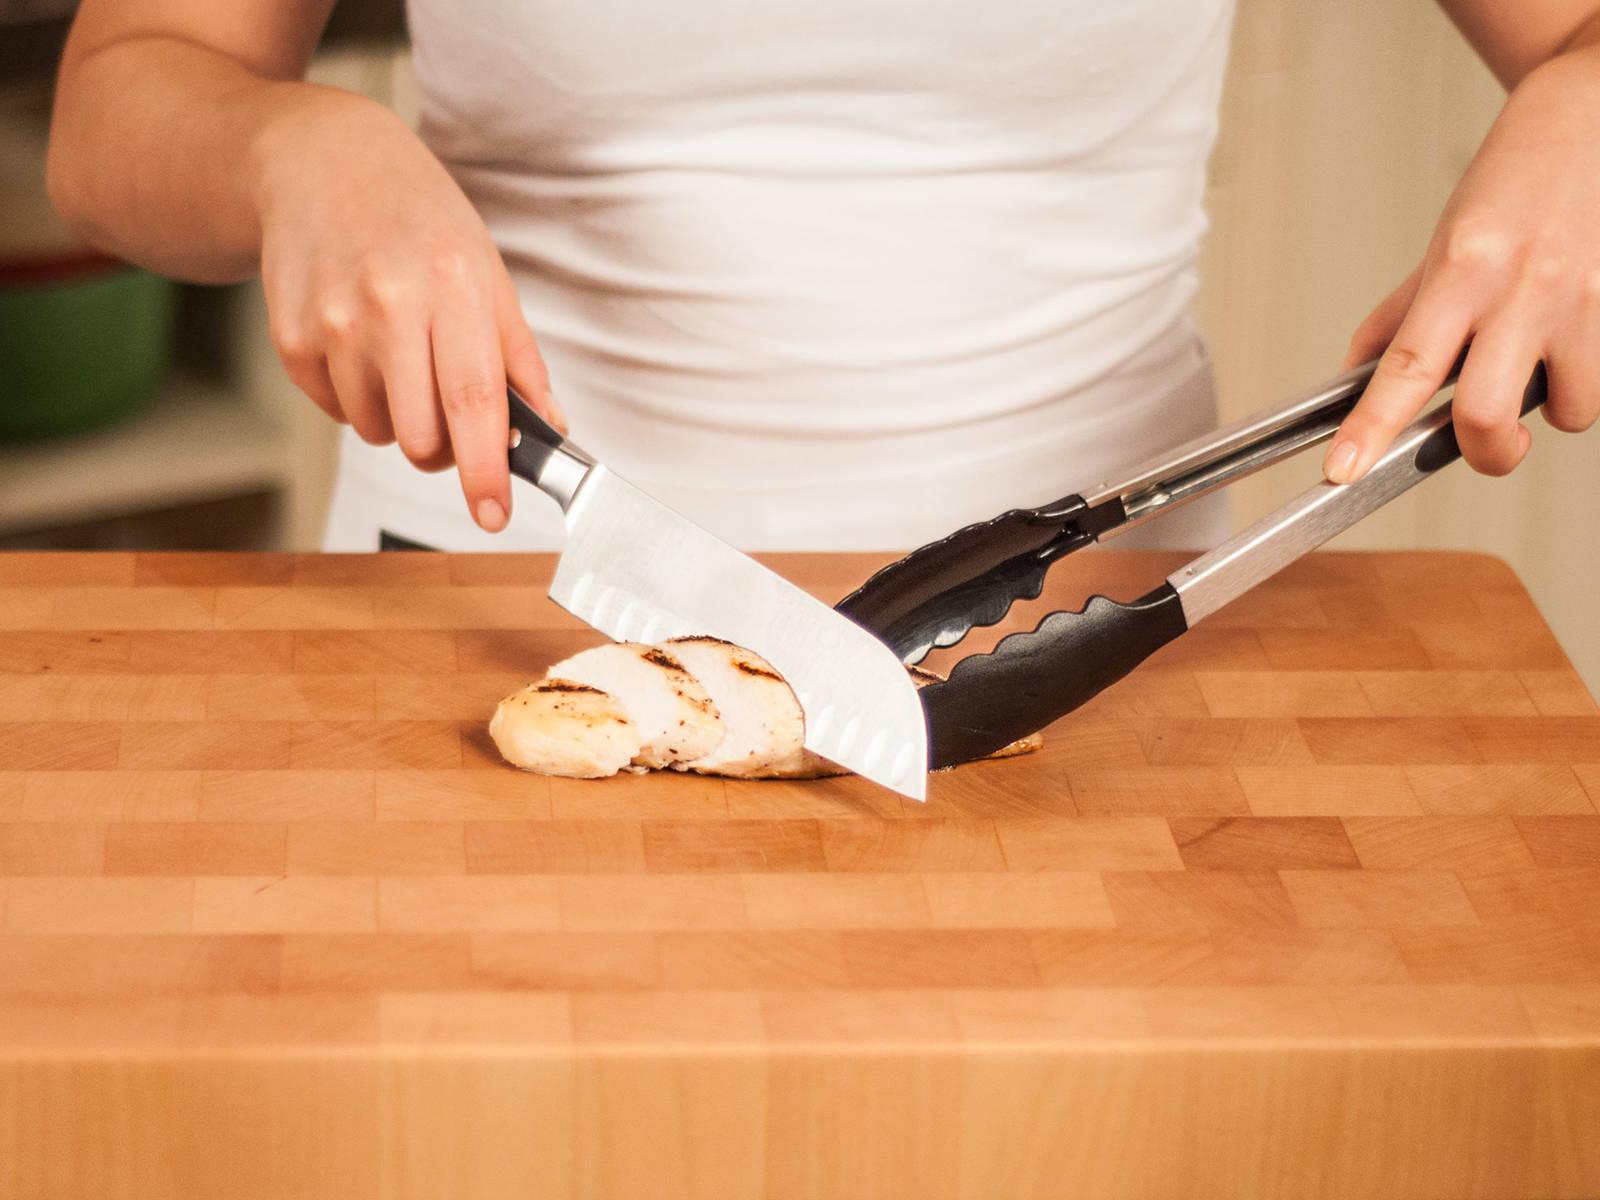 将生菜撕片,鸡肉切成条状。用勺子将沙拉酱汁放入罐底。依次分层放入樱桃番茄、橄榄、一半生菜、胡萝卜、黄瓜和甜椒。最上面放入剩余的生菜和鸡肉。食用时,将所有食材放入碗中,搅拌均匀。享用吧!